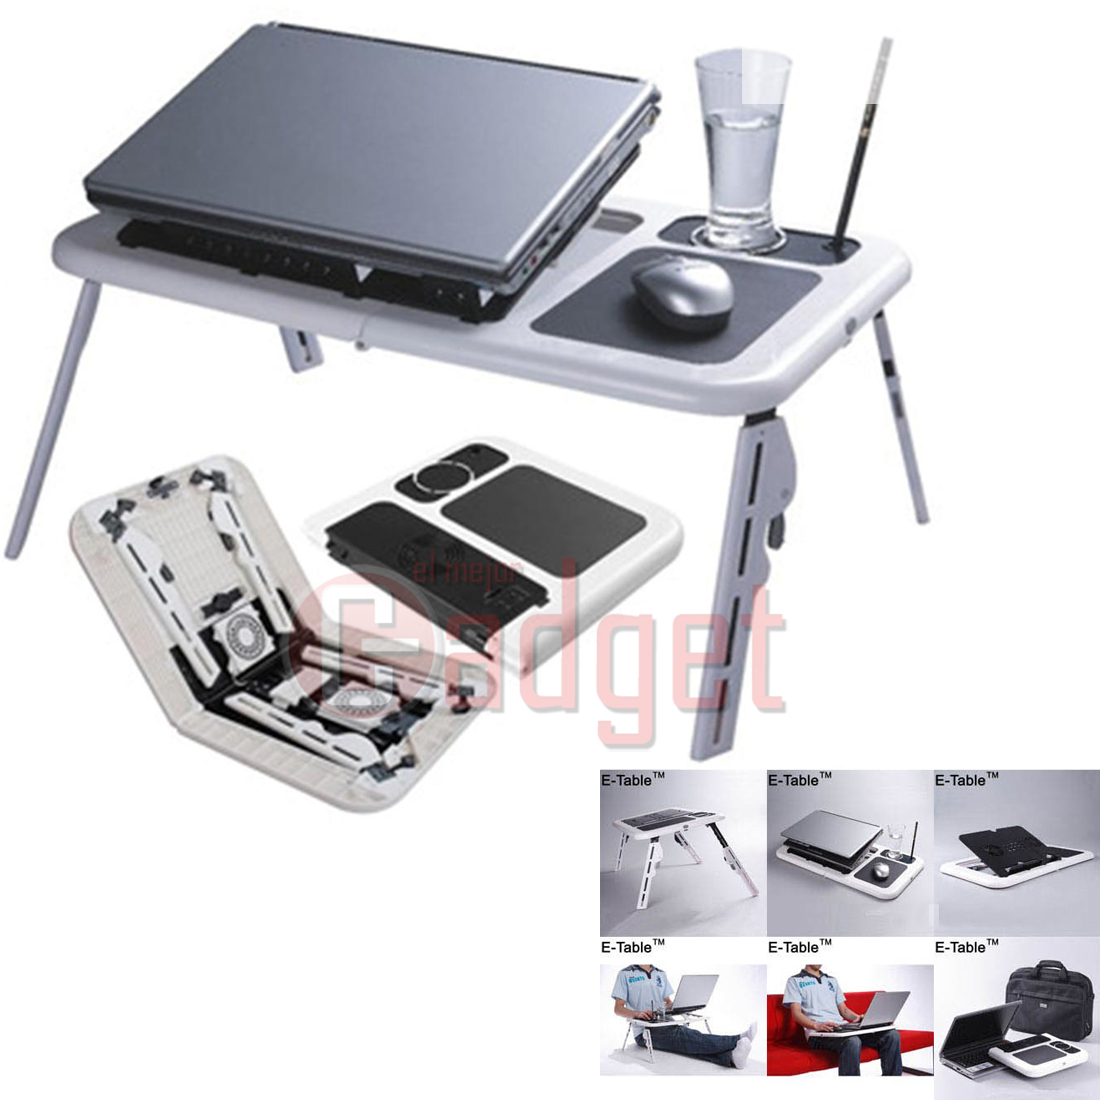 E table mesa soporte refrigeraci n para ordenador port til netbook de cama sof ebay - Soporte portatil sofa ...